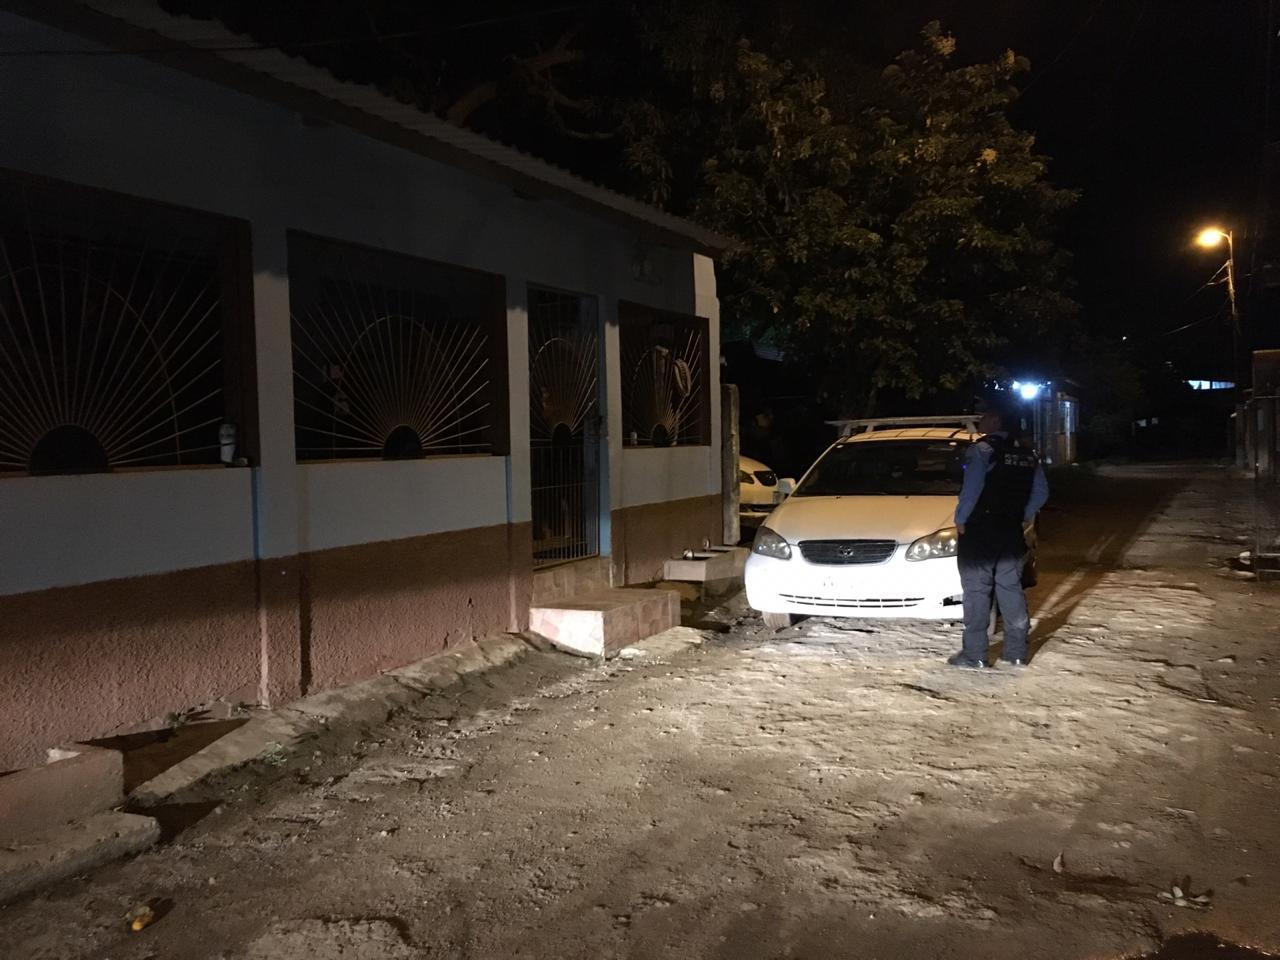 Dos muertos y un herido deja balacera en Tegucigalpa